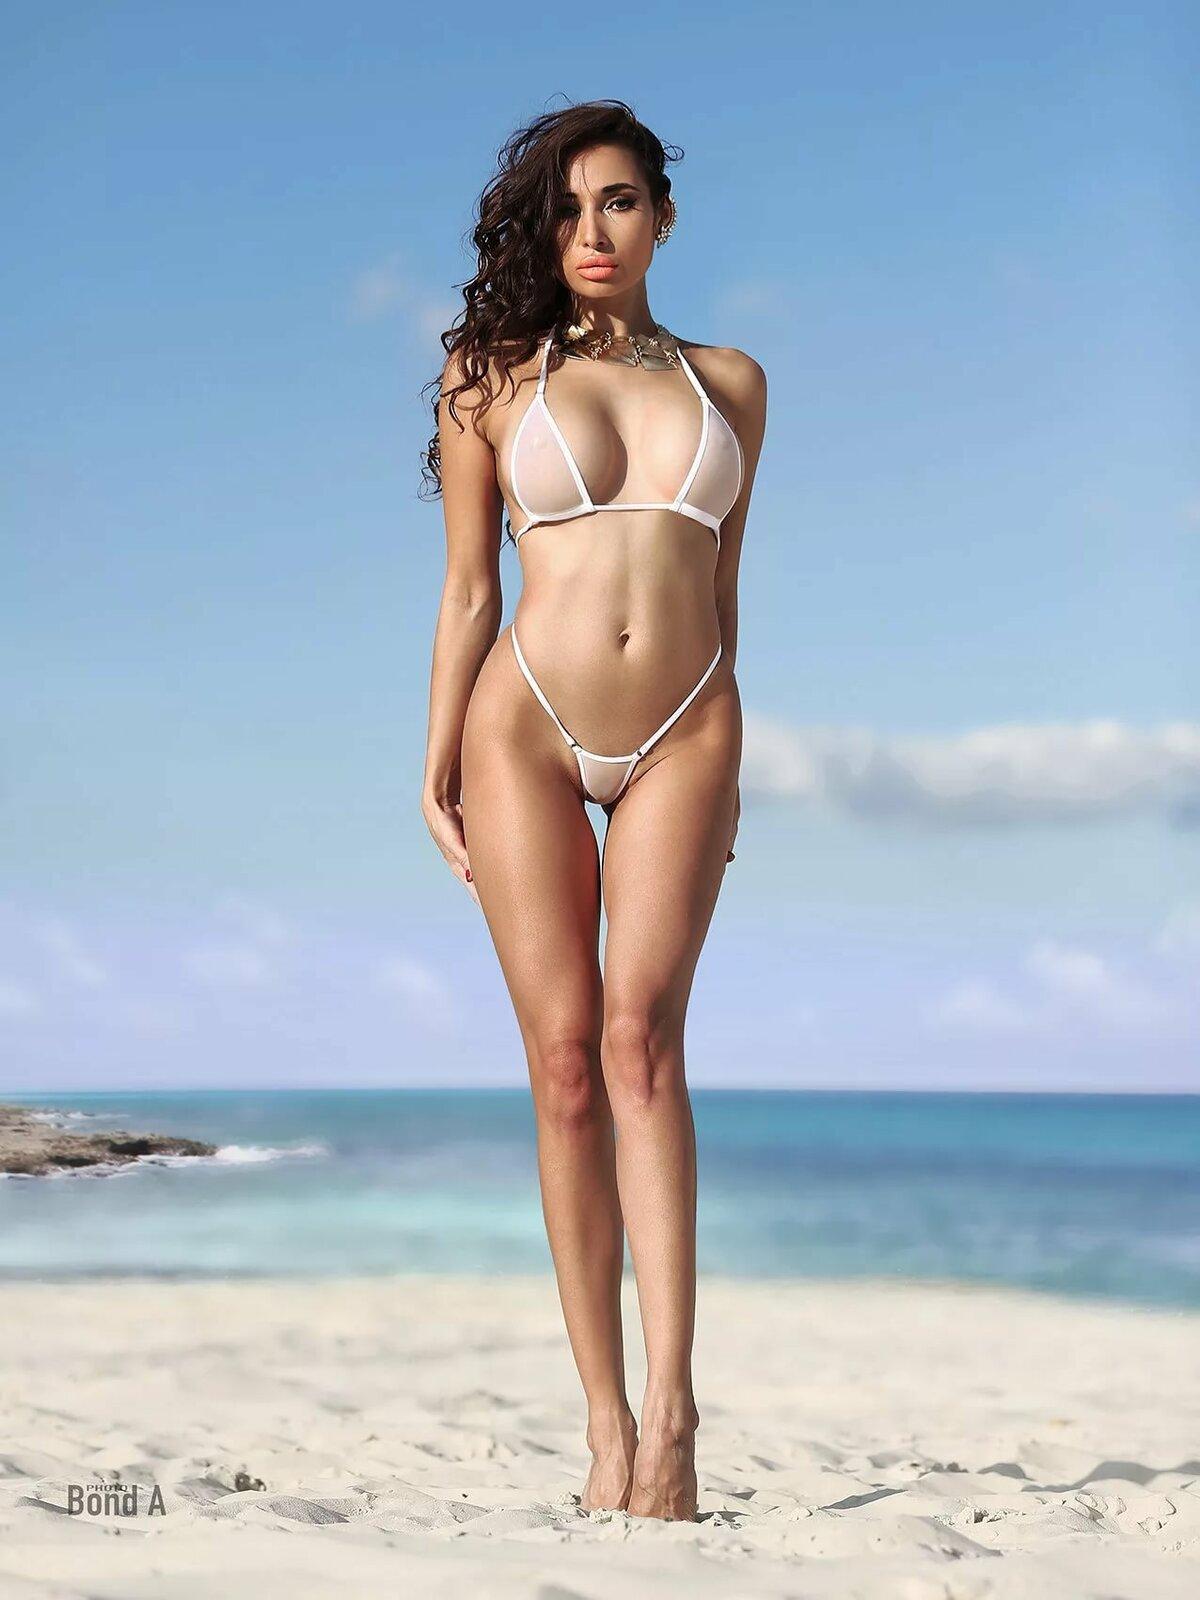 Teen thru mini bikini photos house wives